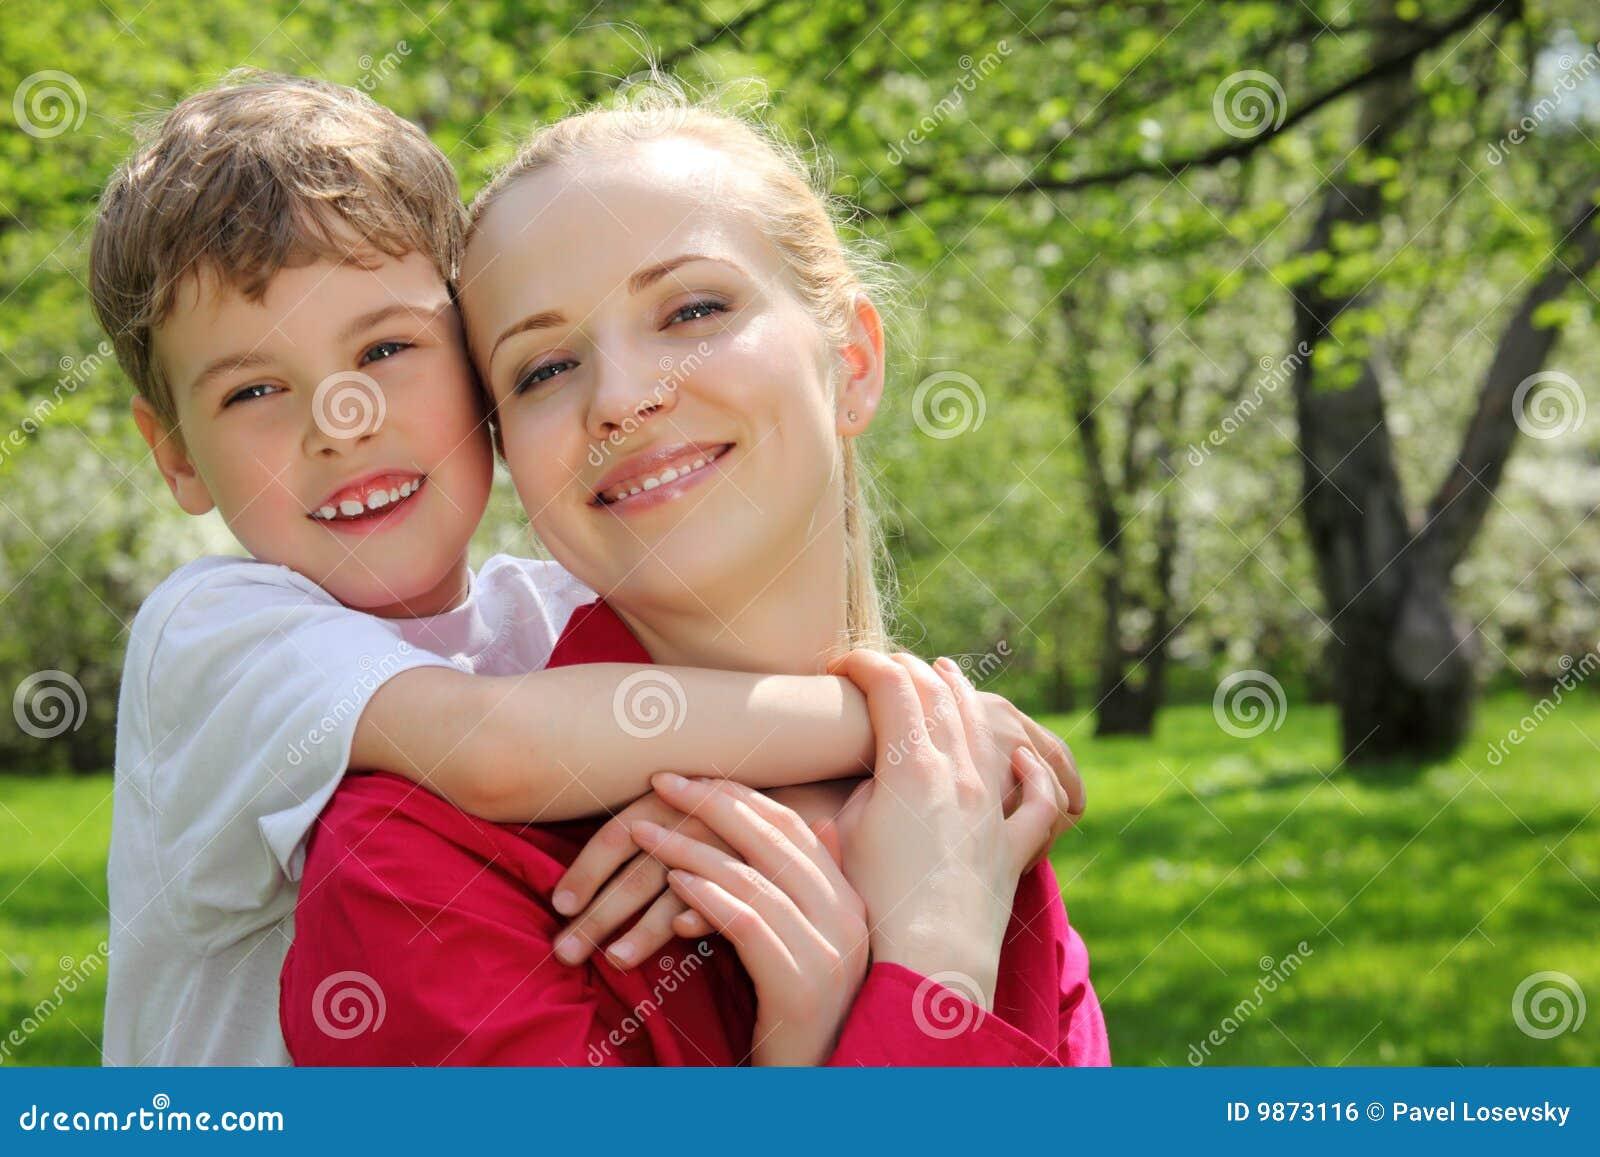 за embraces будьте матерью сынка шеи